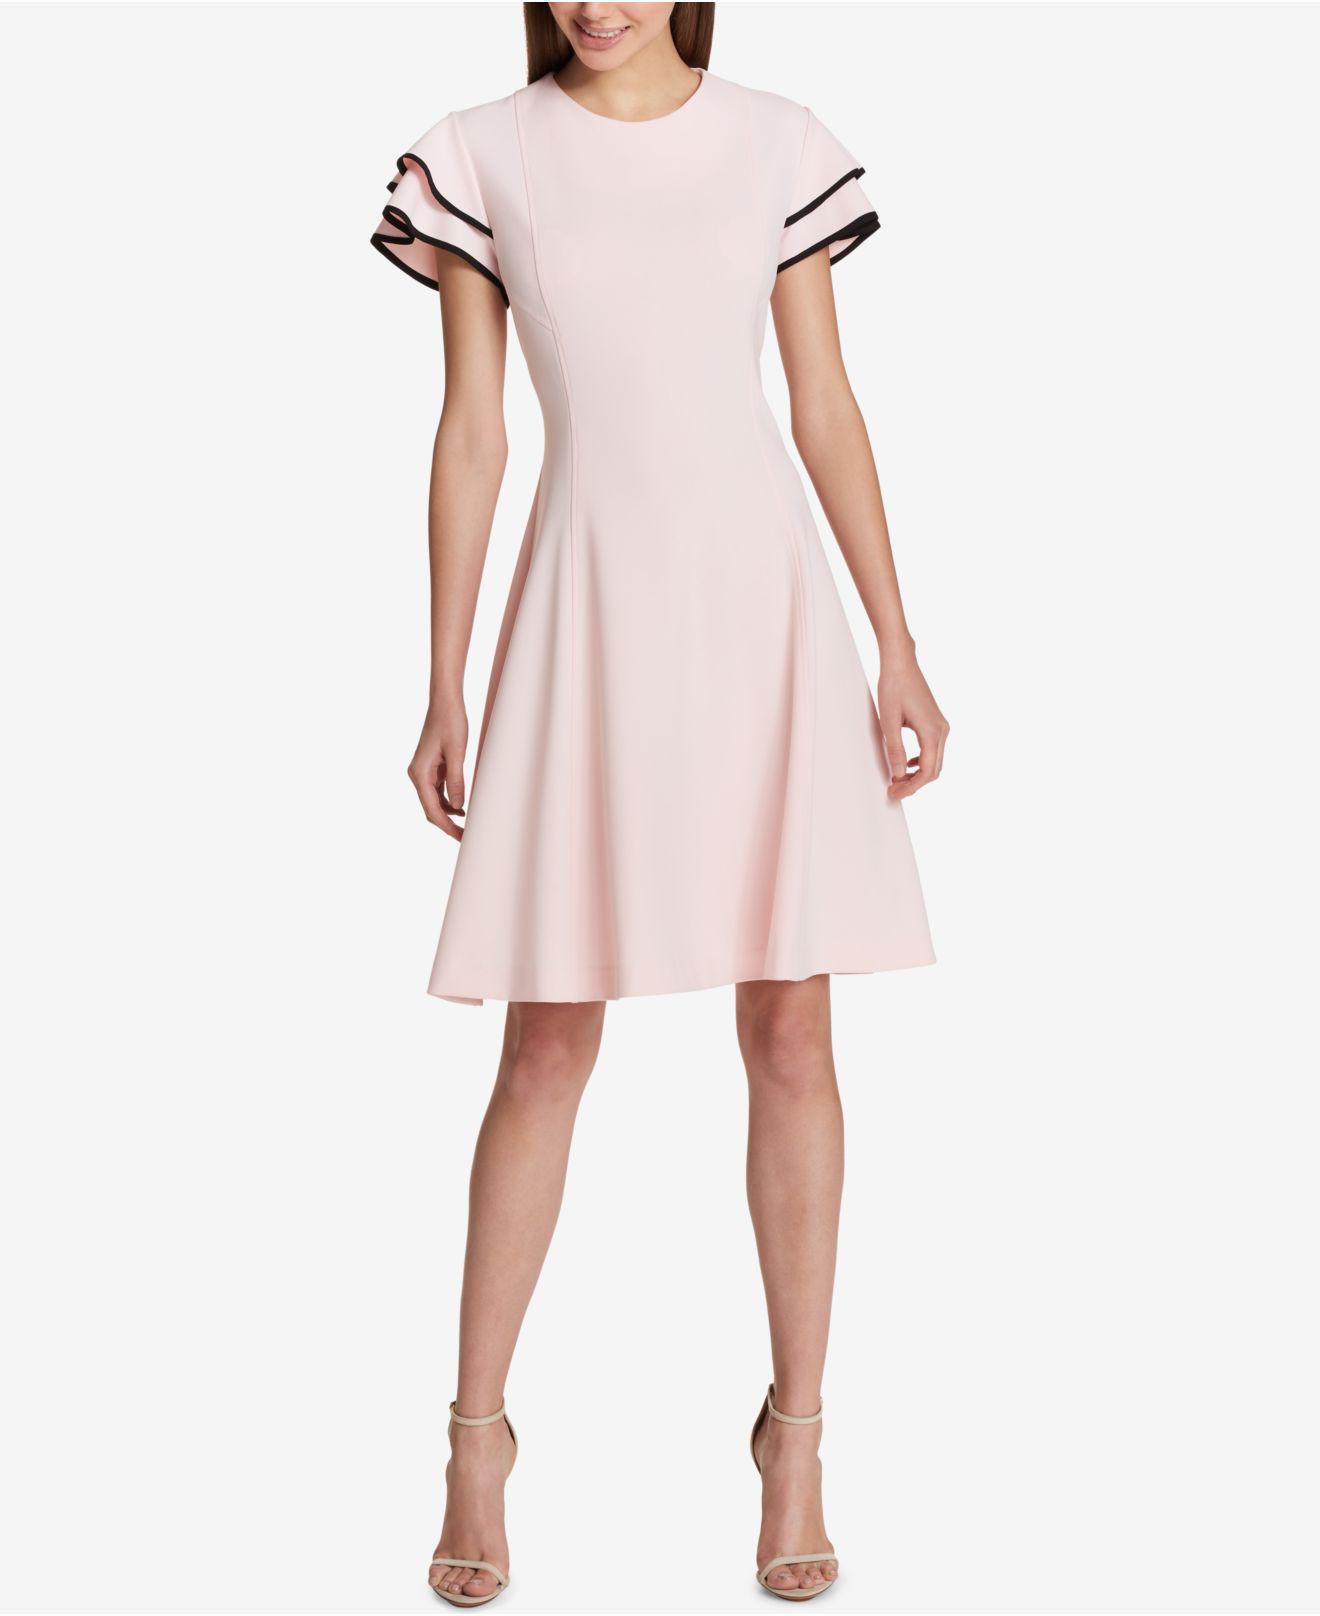 Tommy Hilfiger Womens Satin Back Crepe Flutter Sleeve Dress